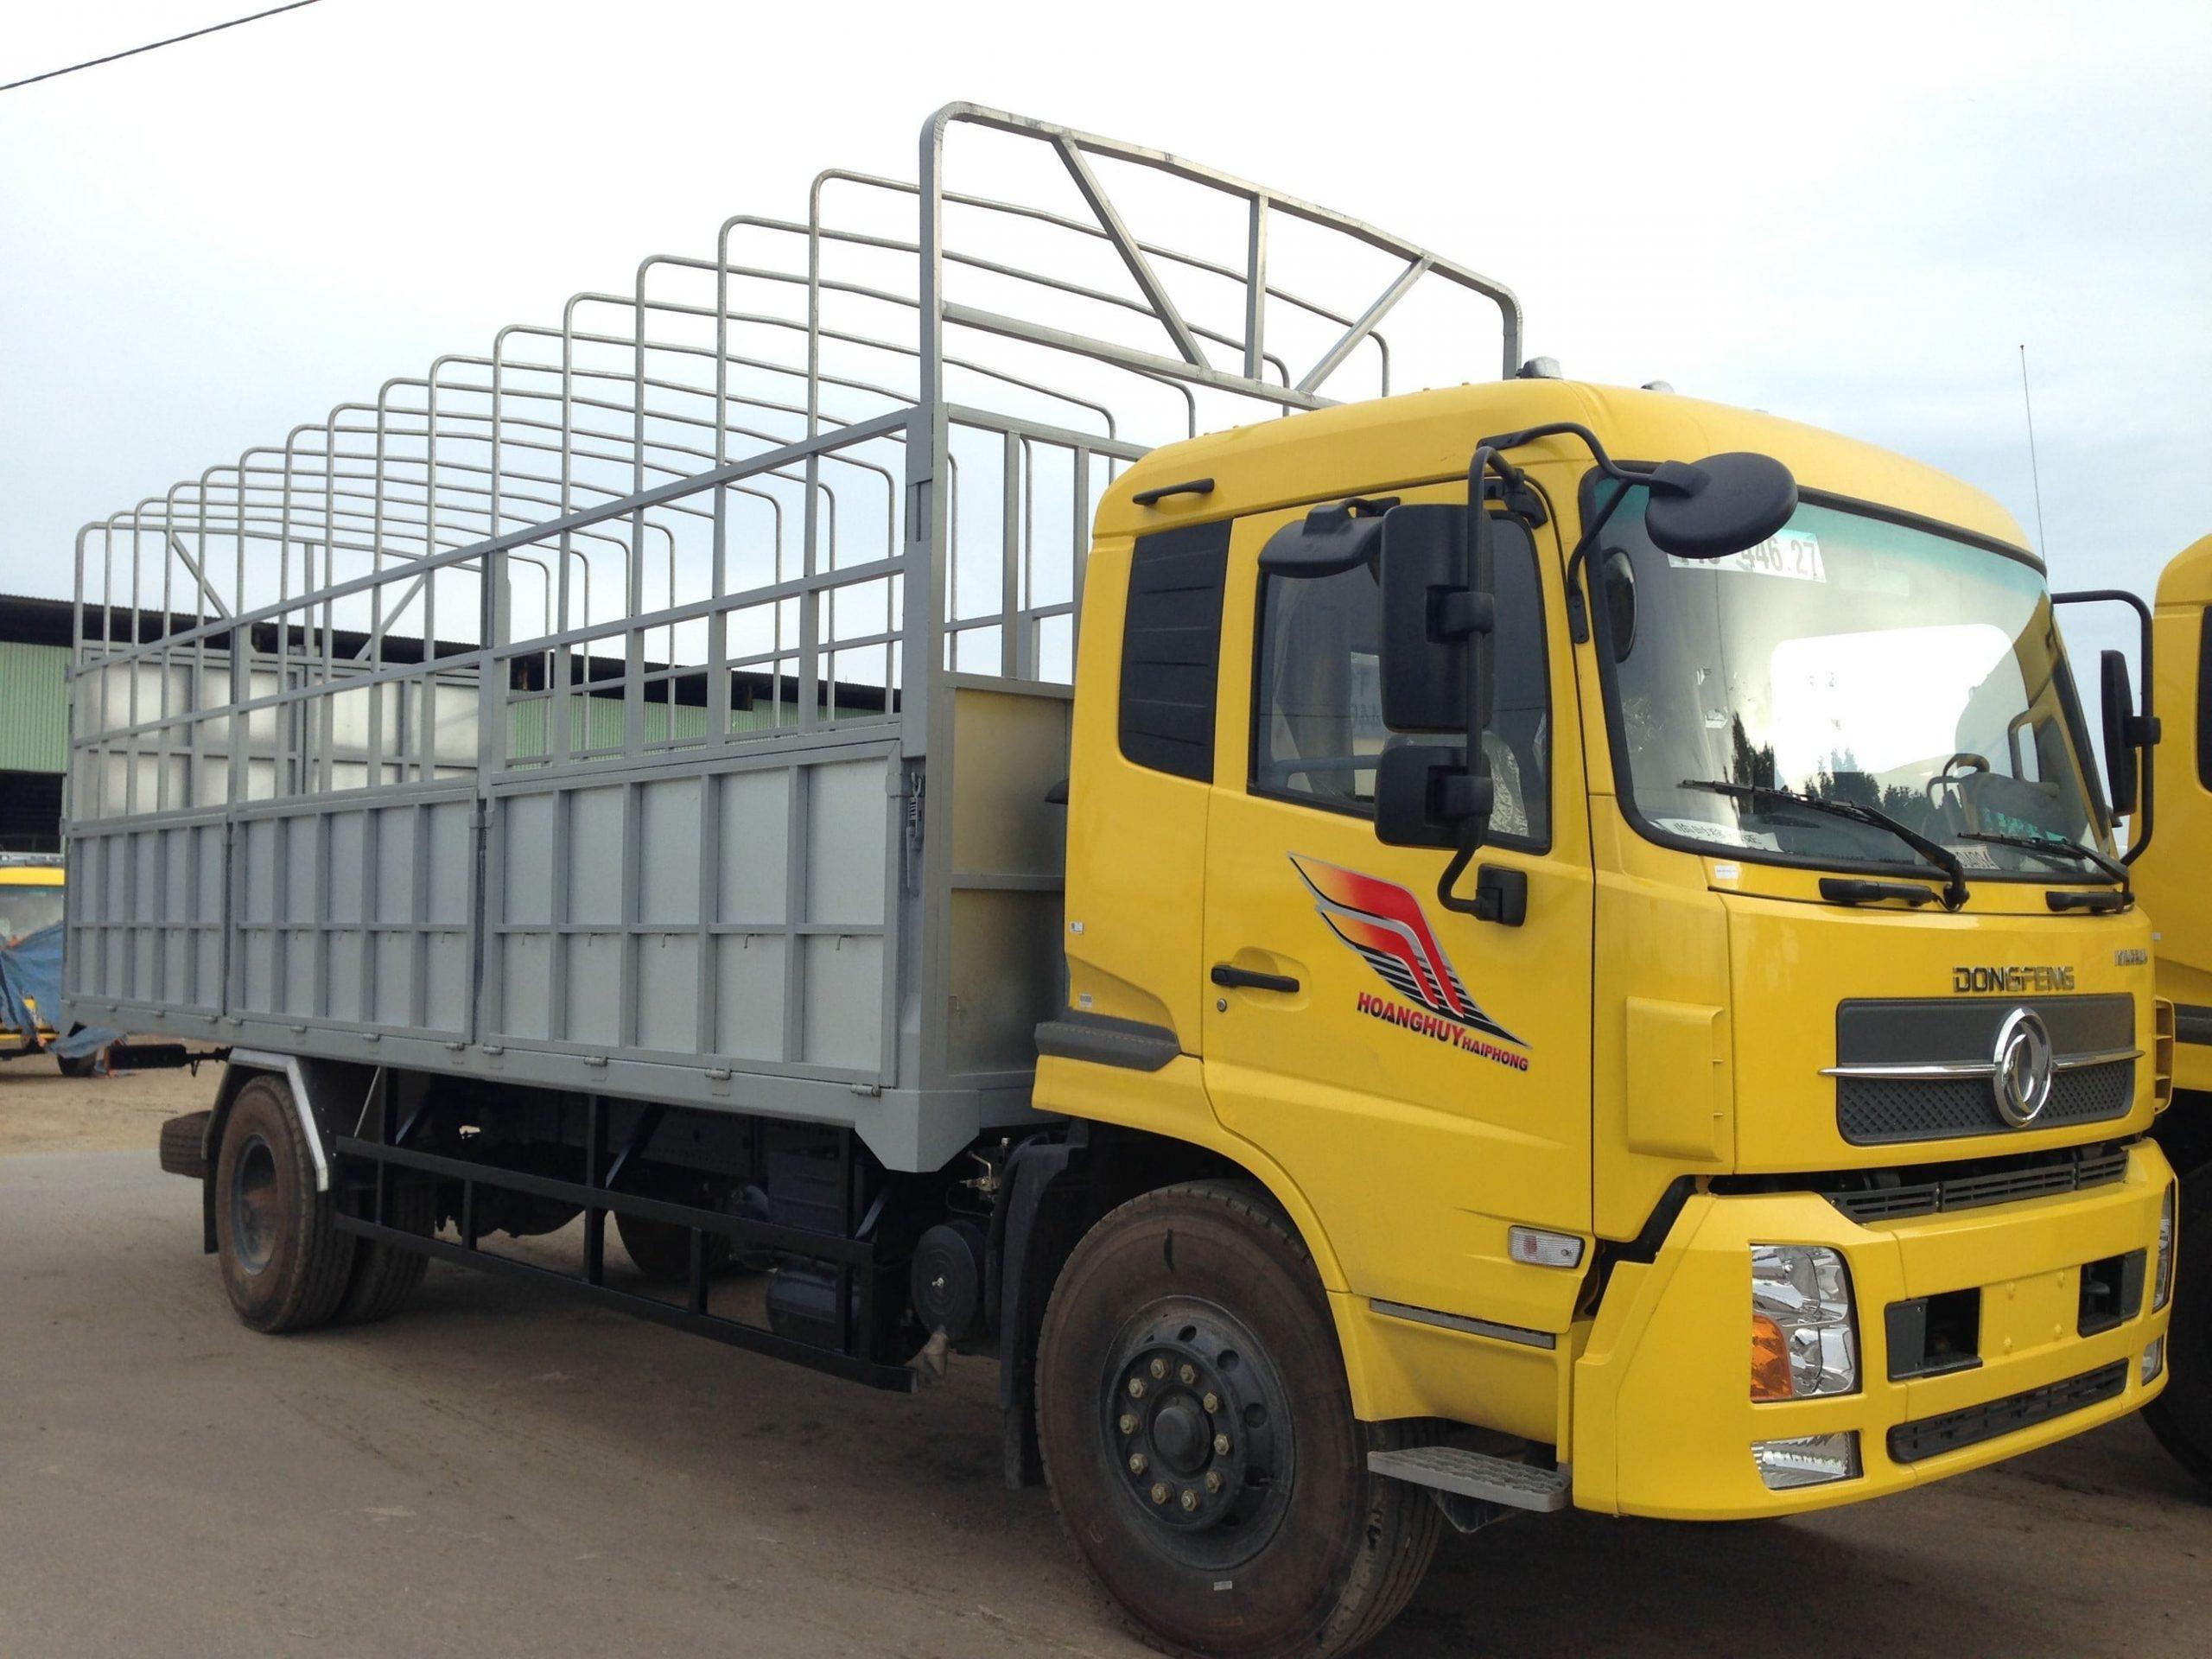 Cho thuê xe tải chở hàng 8 tấn – Đường Việt Sài Gòn